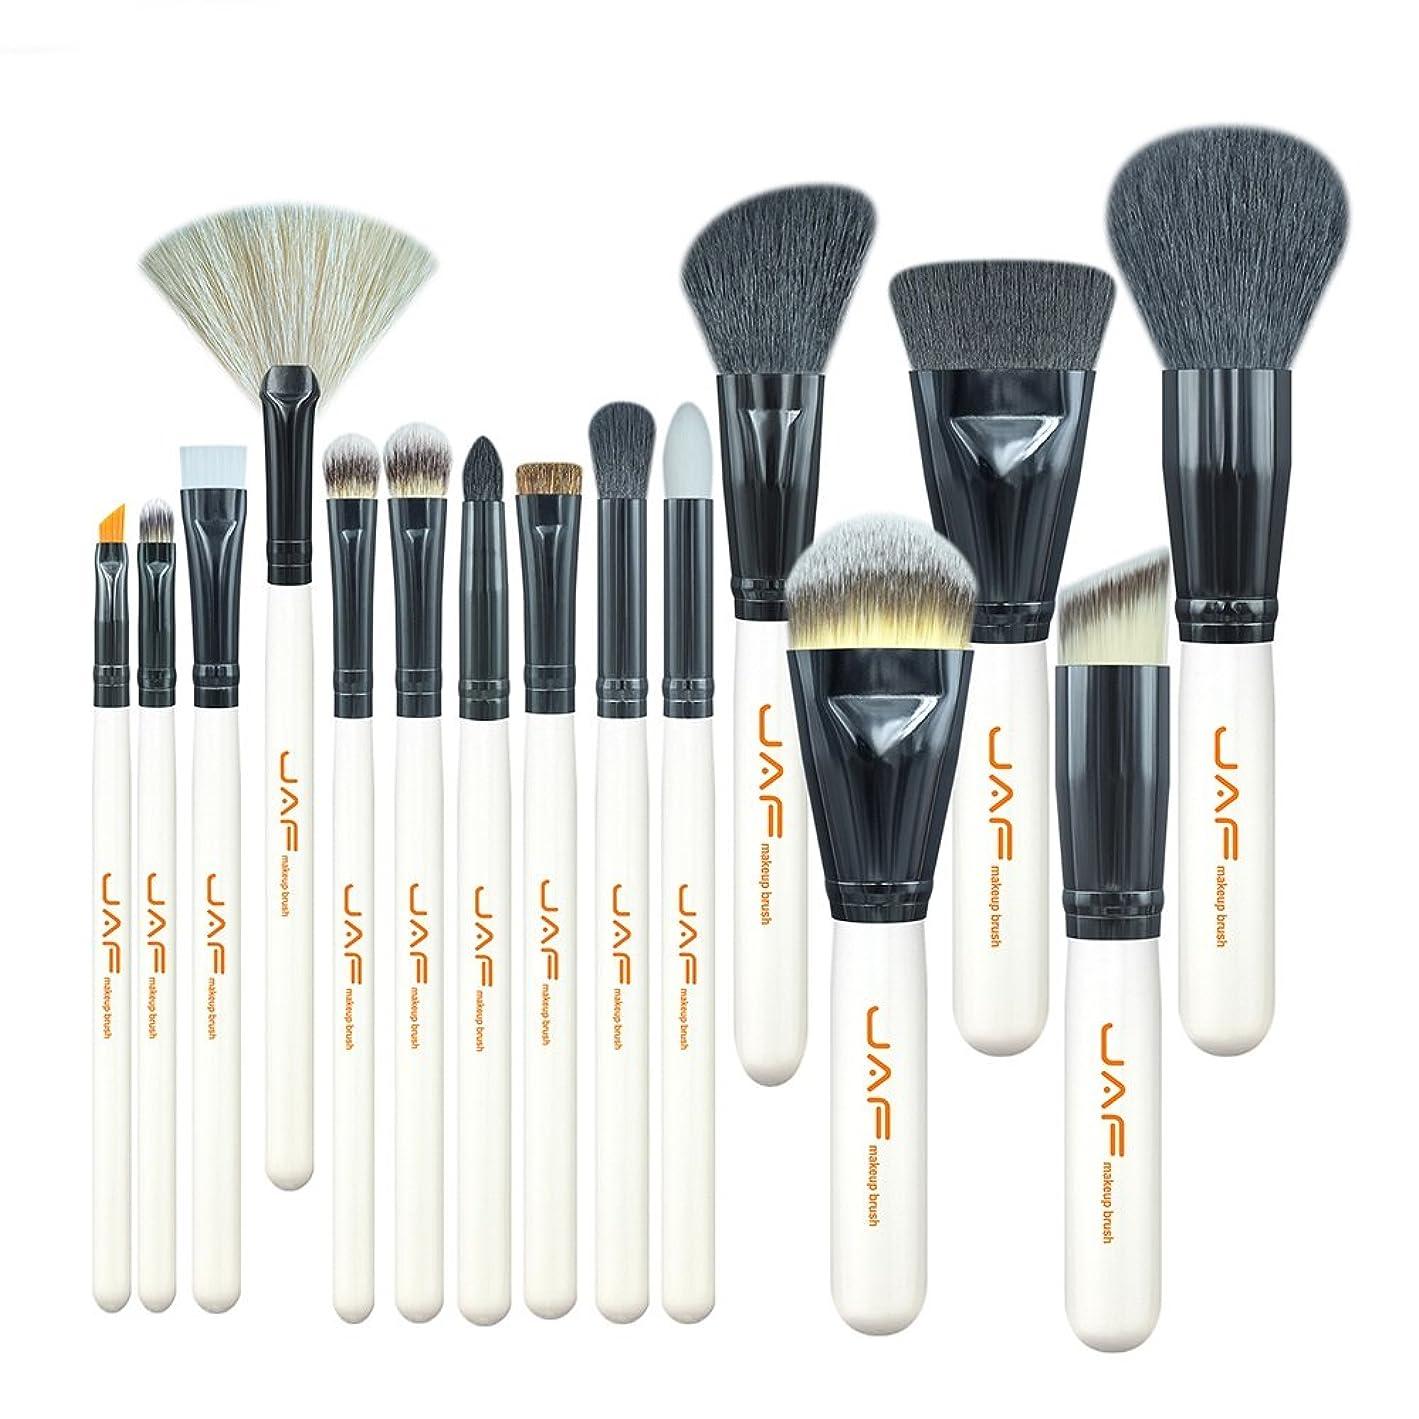 ニンニク聖職者試用化粧ブラシセット 15個セット プロフェッショナル メイクアップ メイクブラシ 美容ブラシ ファンデーション コンター パウダー 化粧筆